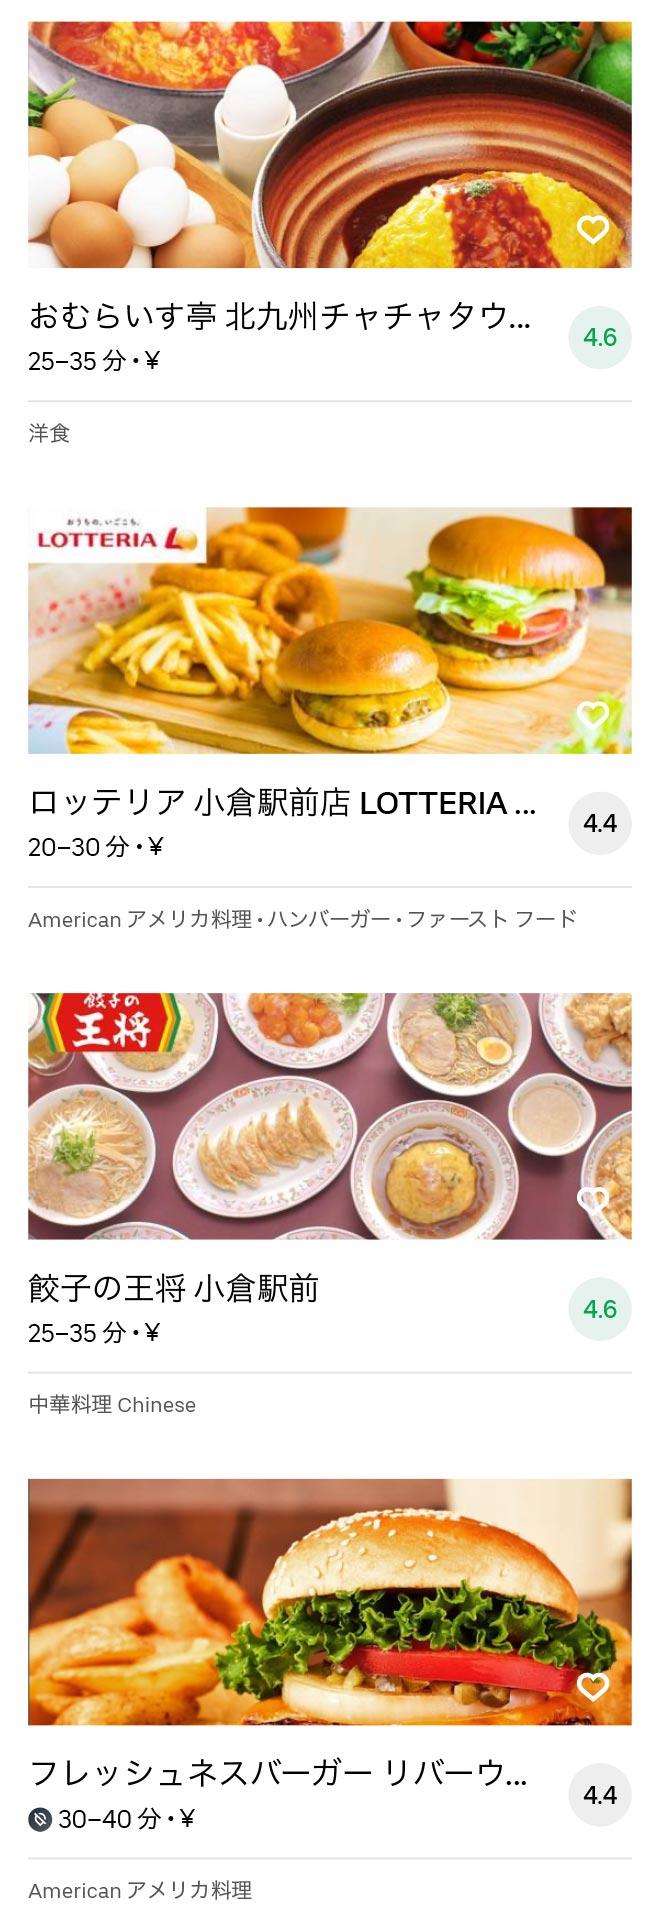 Kokura menu 2008 03